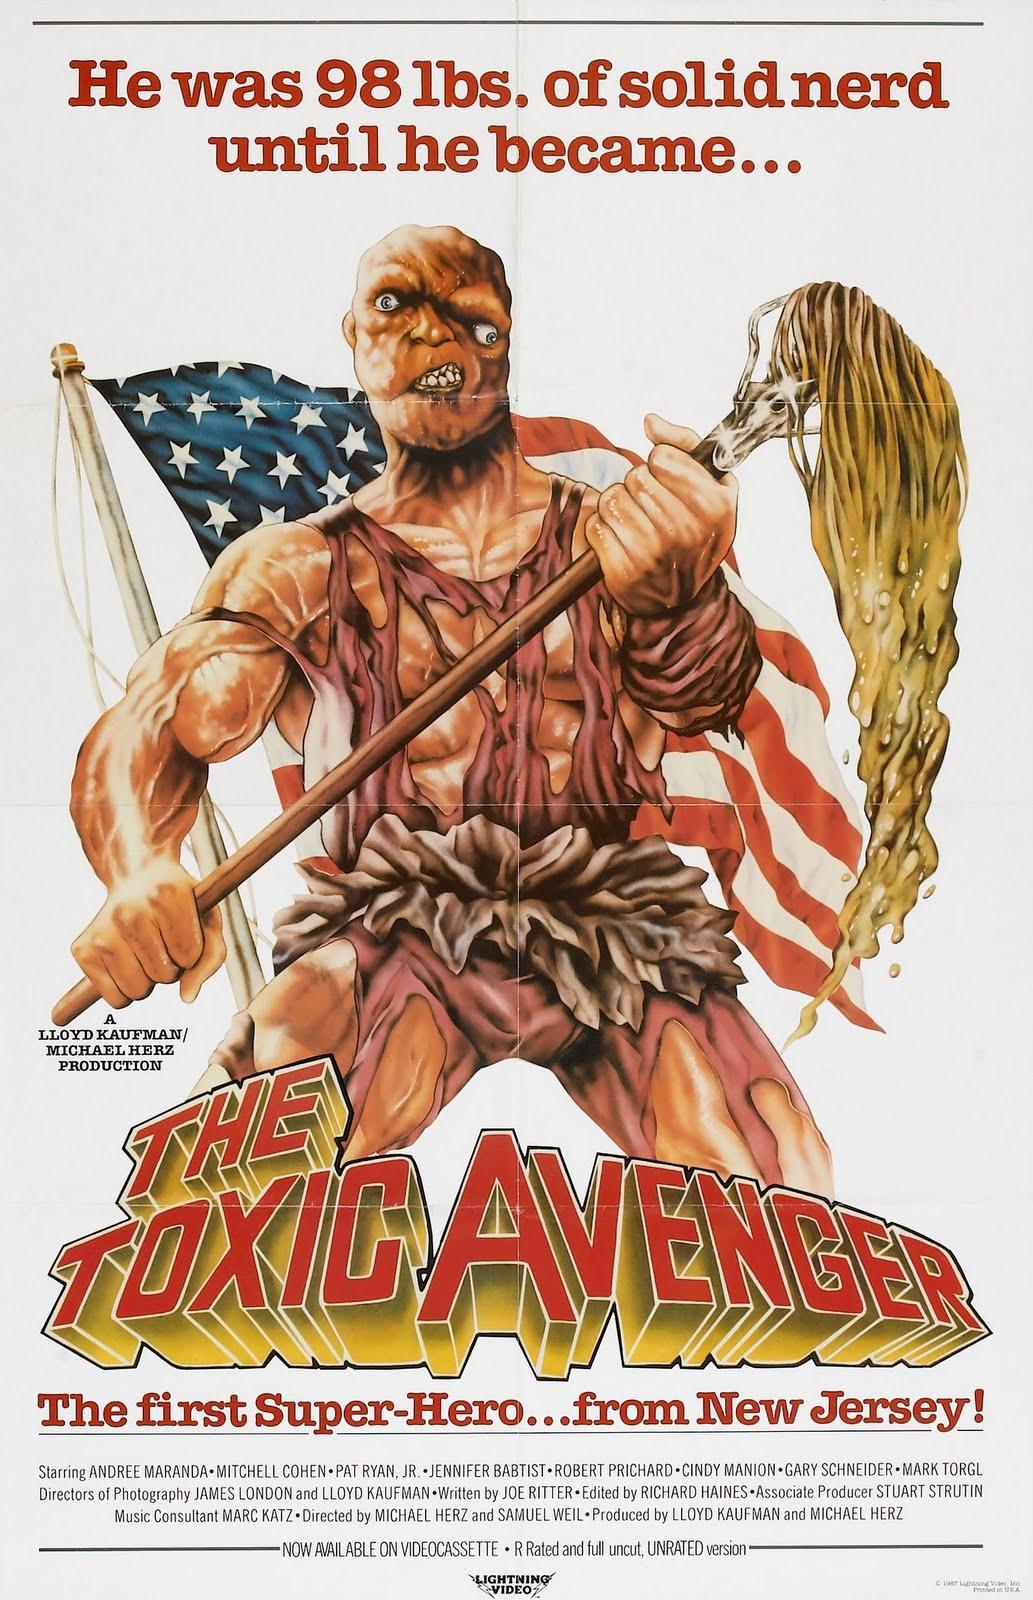 http://1.bp.blogspot.com/_O6TRbRjkcOg/SxHBqCUpLuI/AAAAAAAAD-E/AvavEt3SAEc/s1600/toxic_avenger.jpg